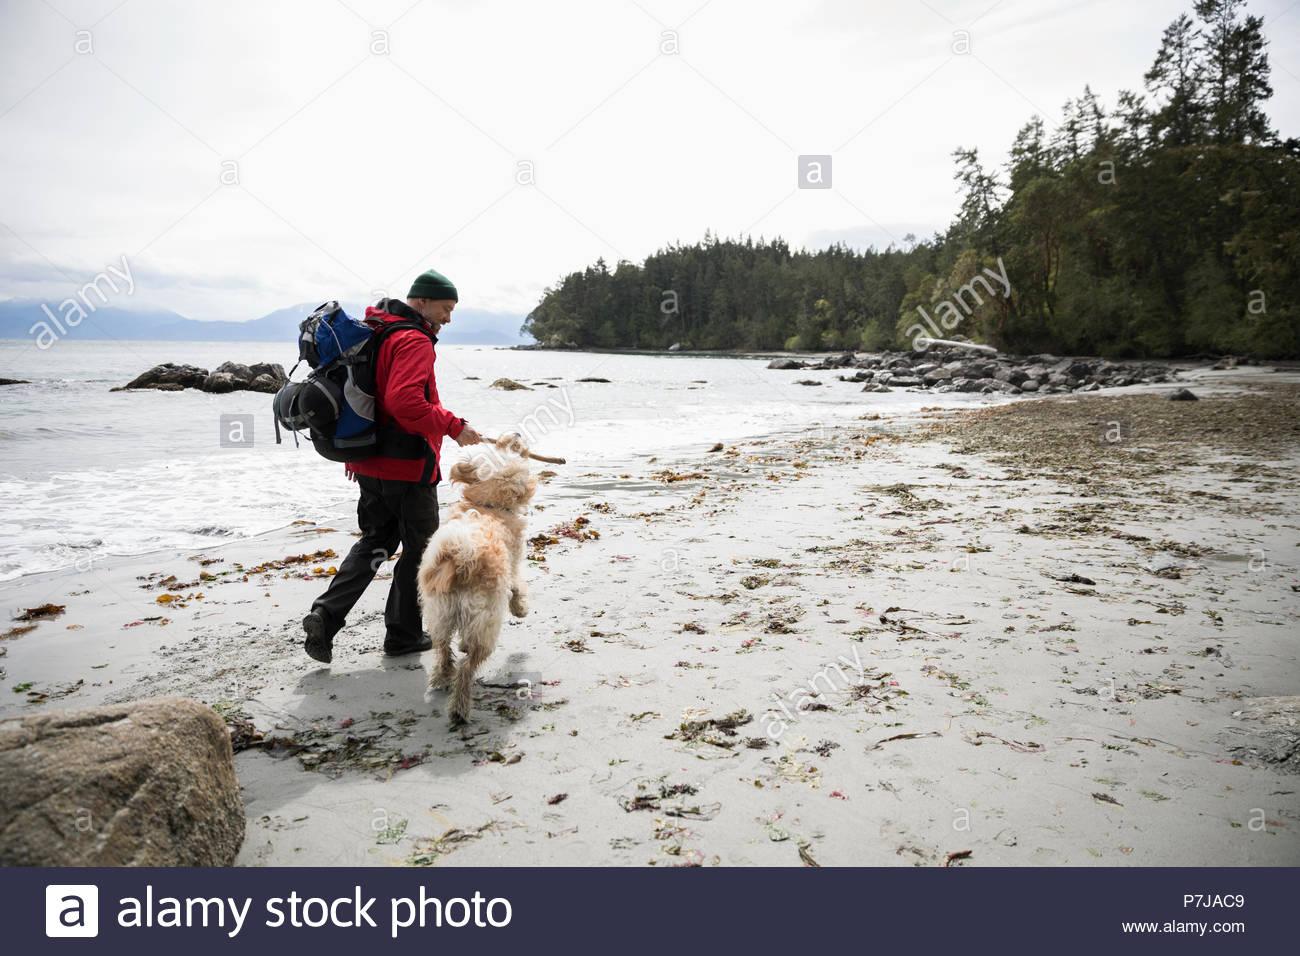 Uomo con cane backpacking sulla spiaggia robusto Immagini Stock